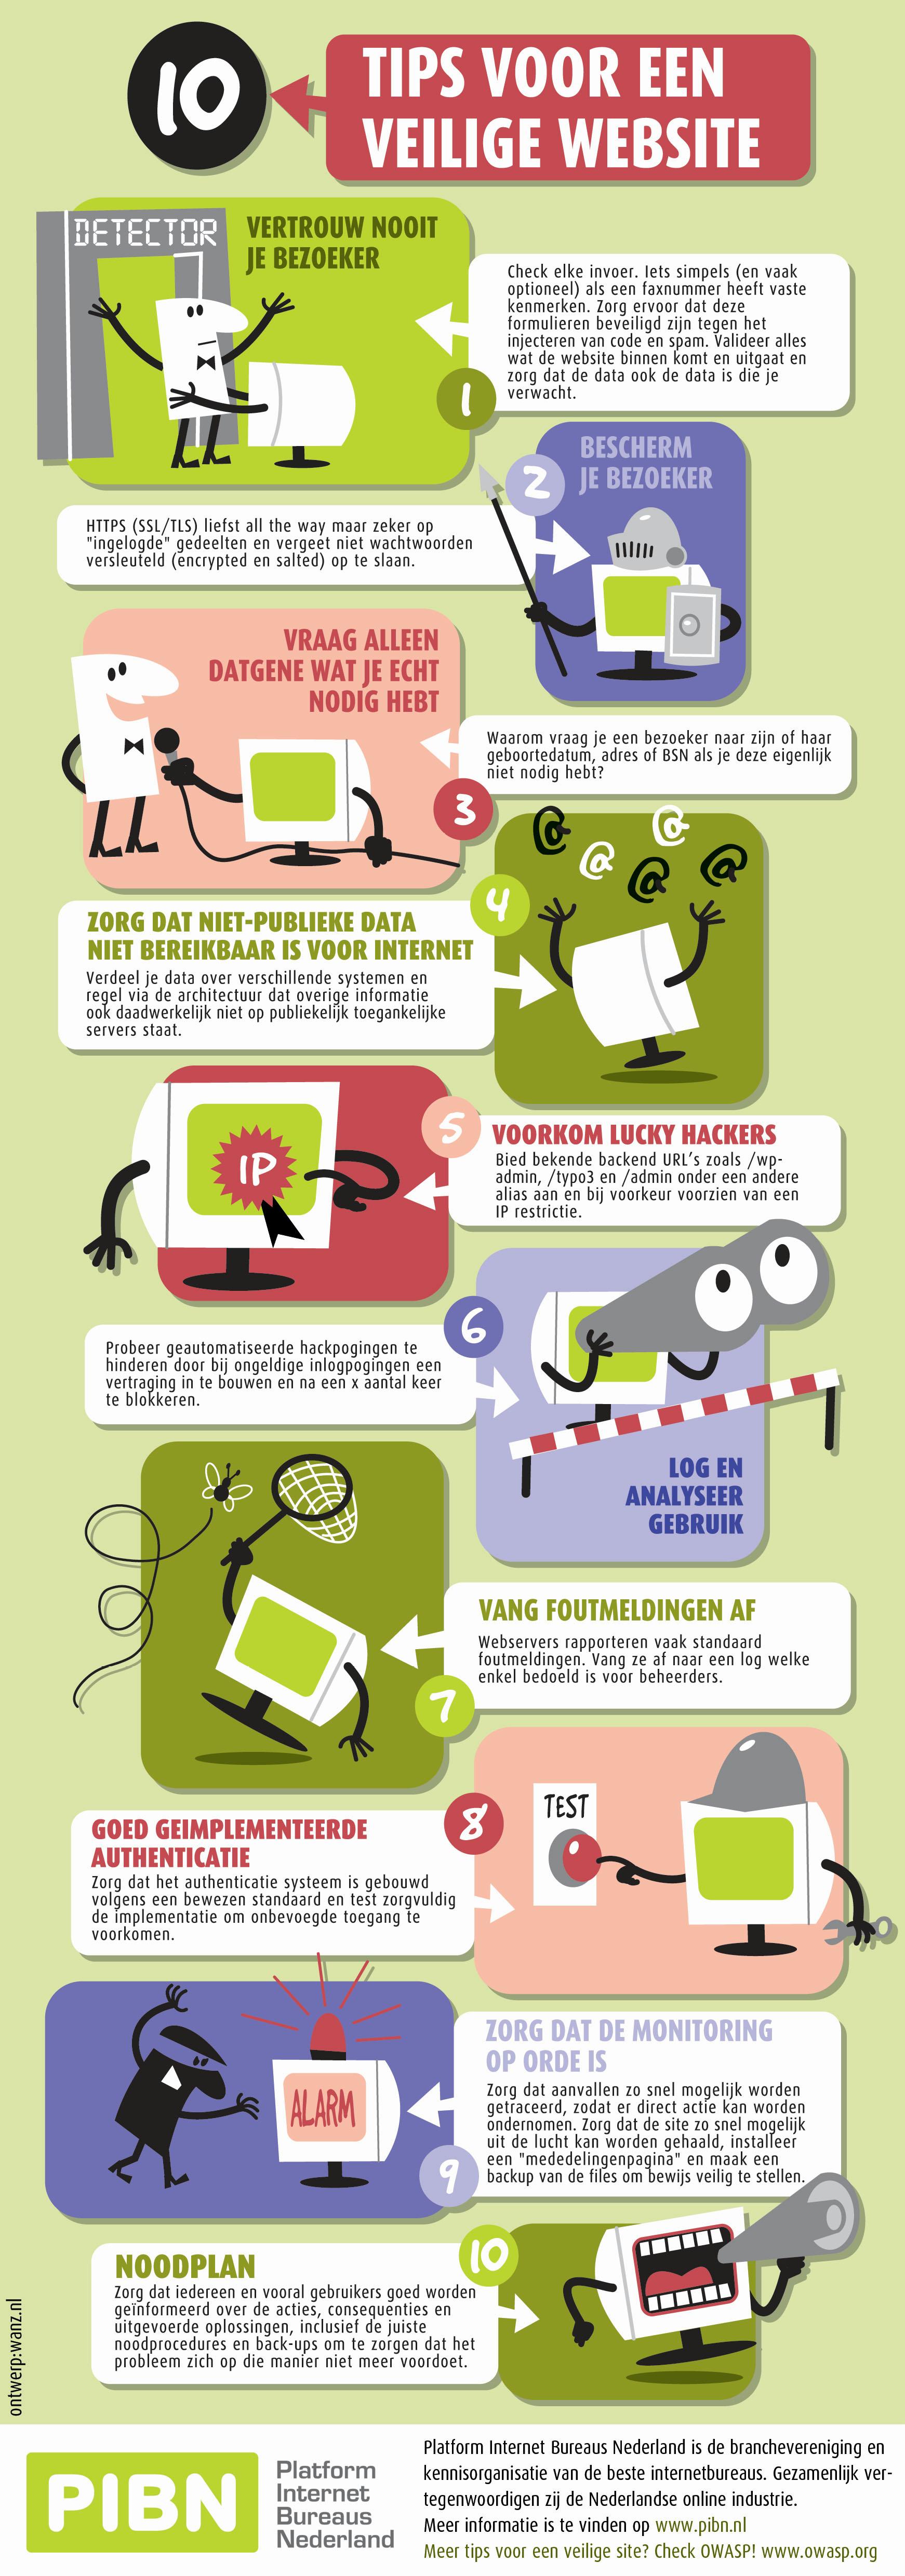 10 tips veilige website